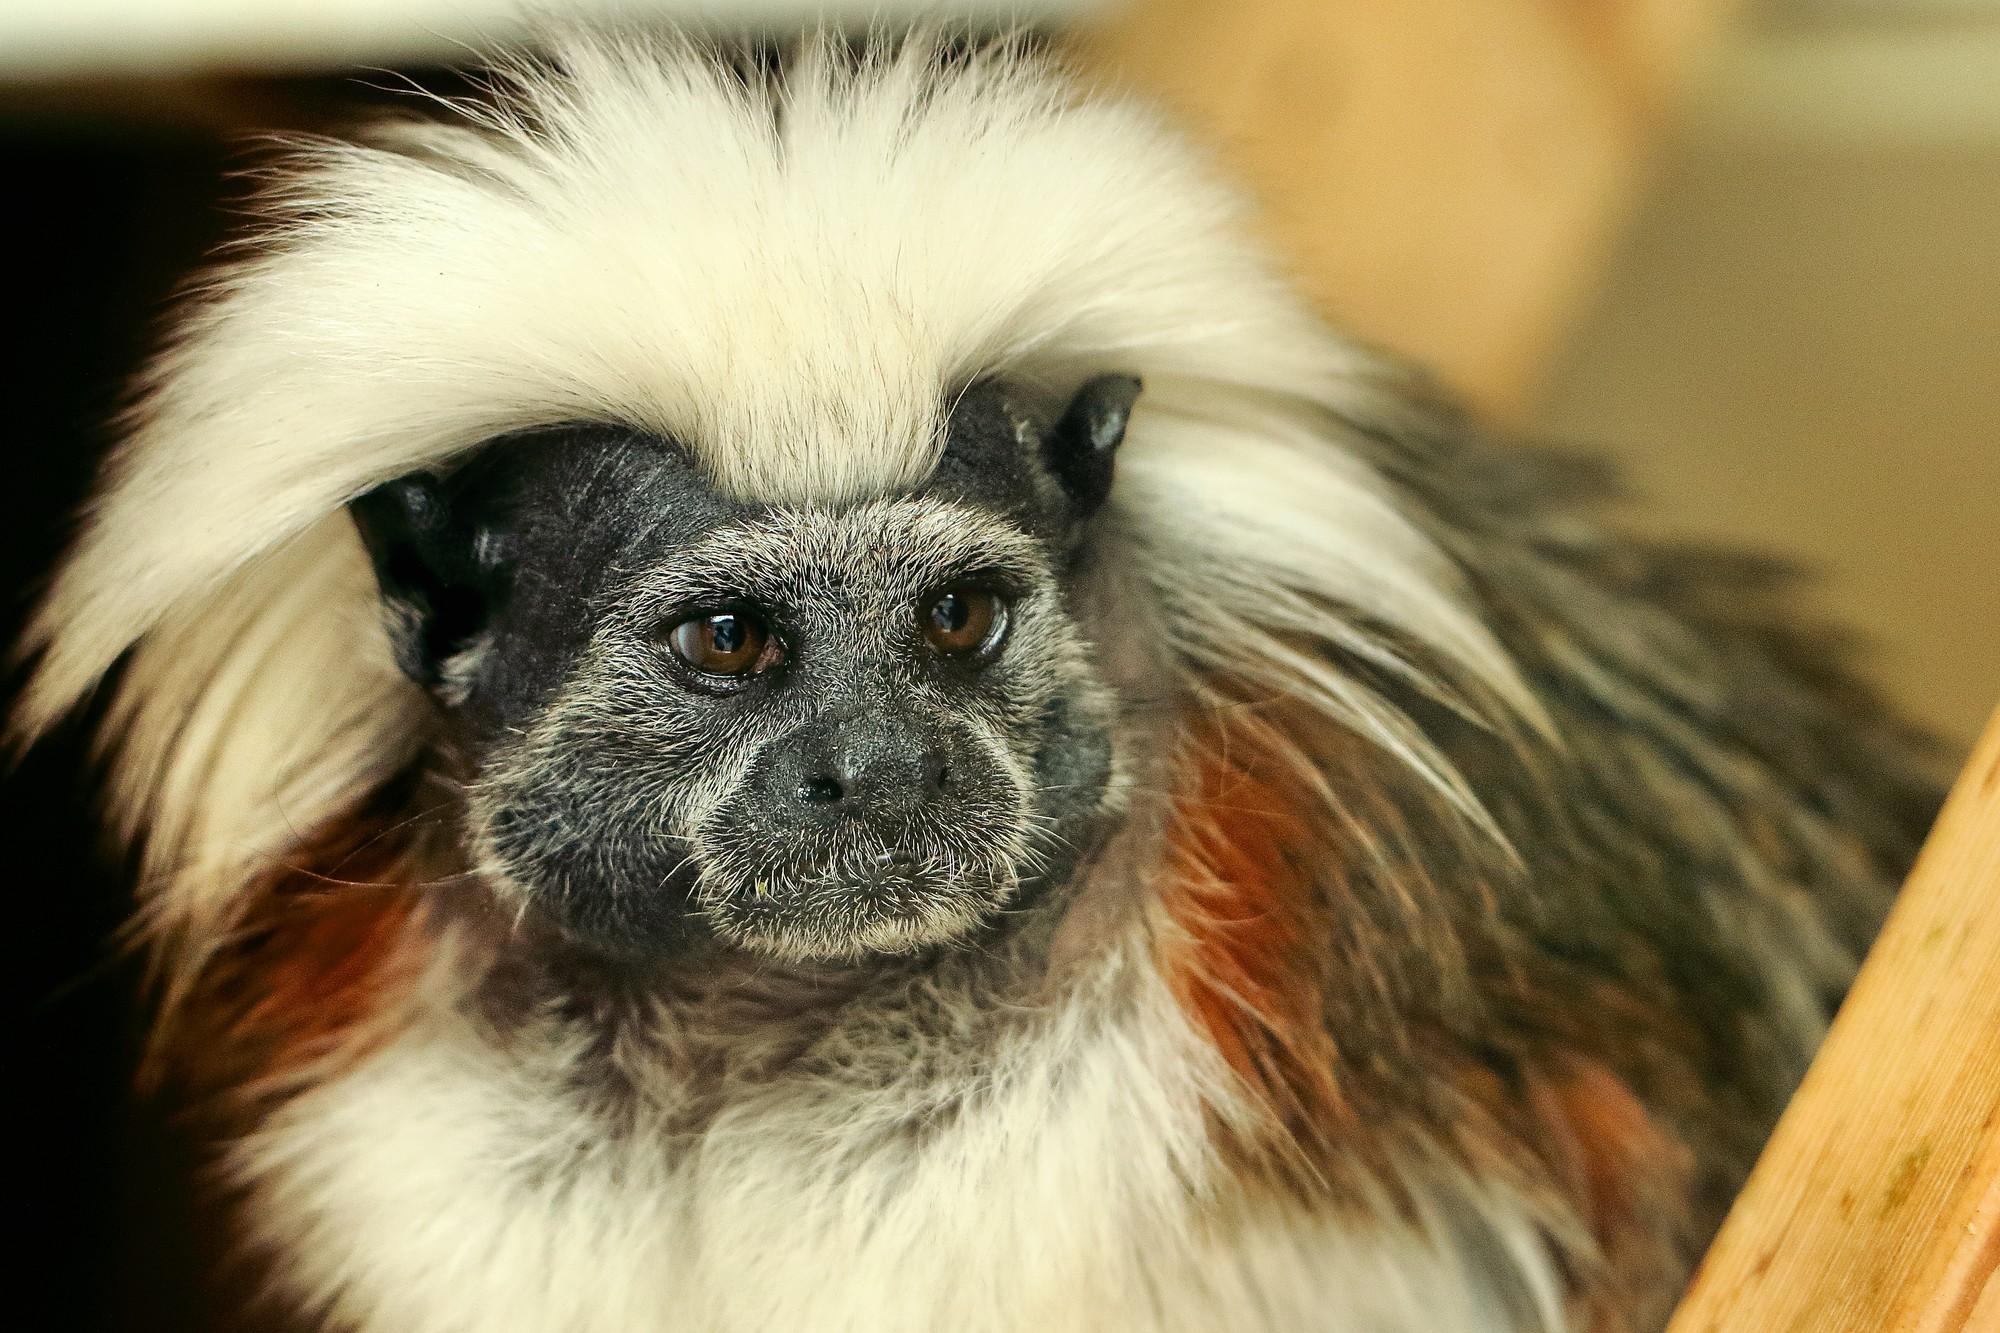 Chiêm ngưỡng 17 loài vật sở hữu bộ lông đặc biệt nhất trần đời - Ảnh 15.